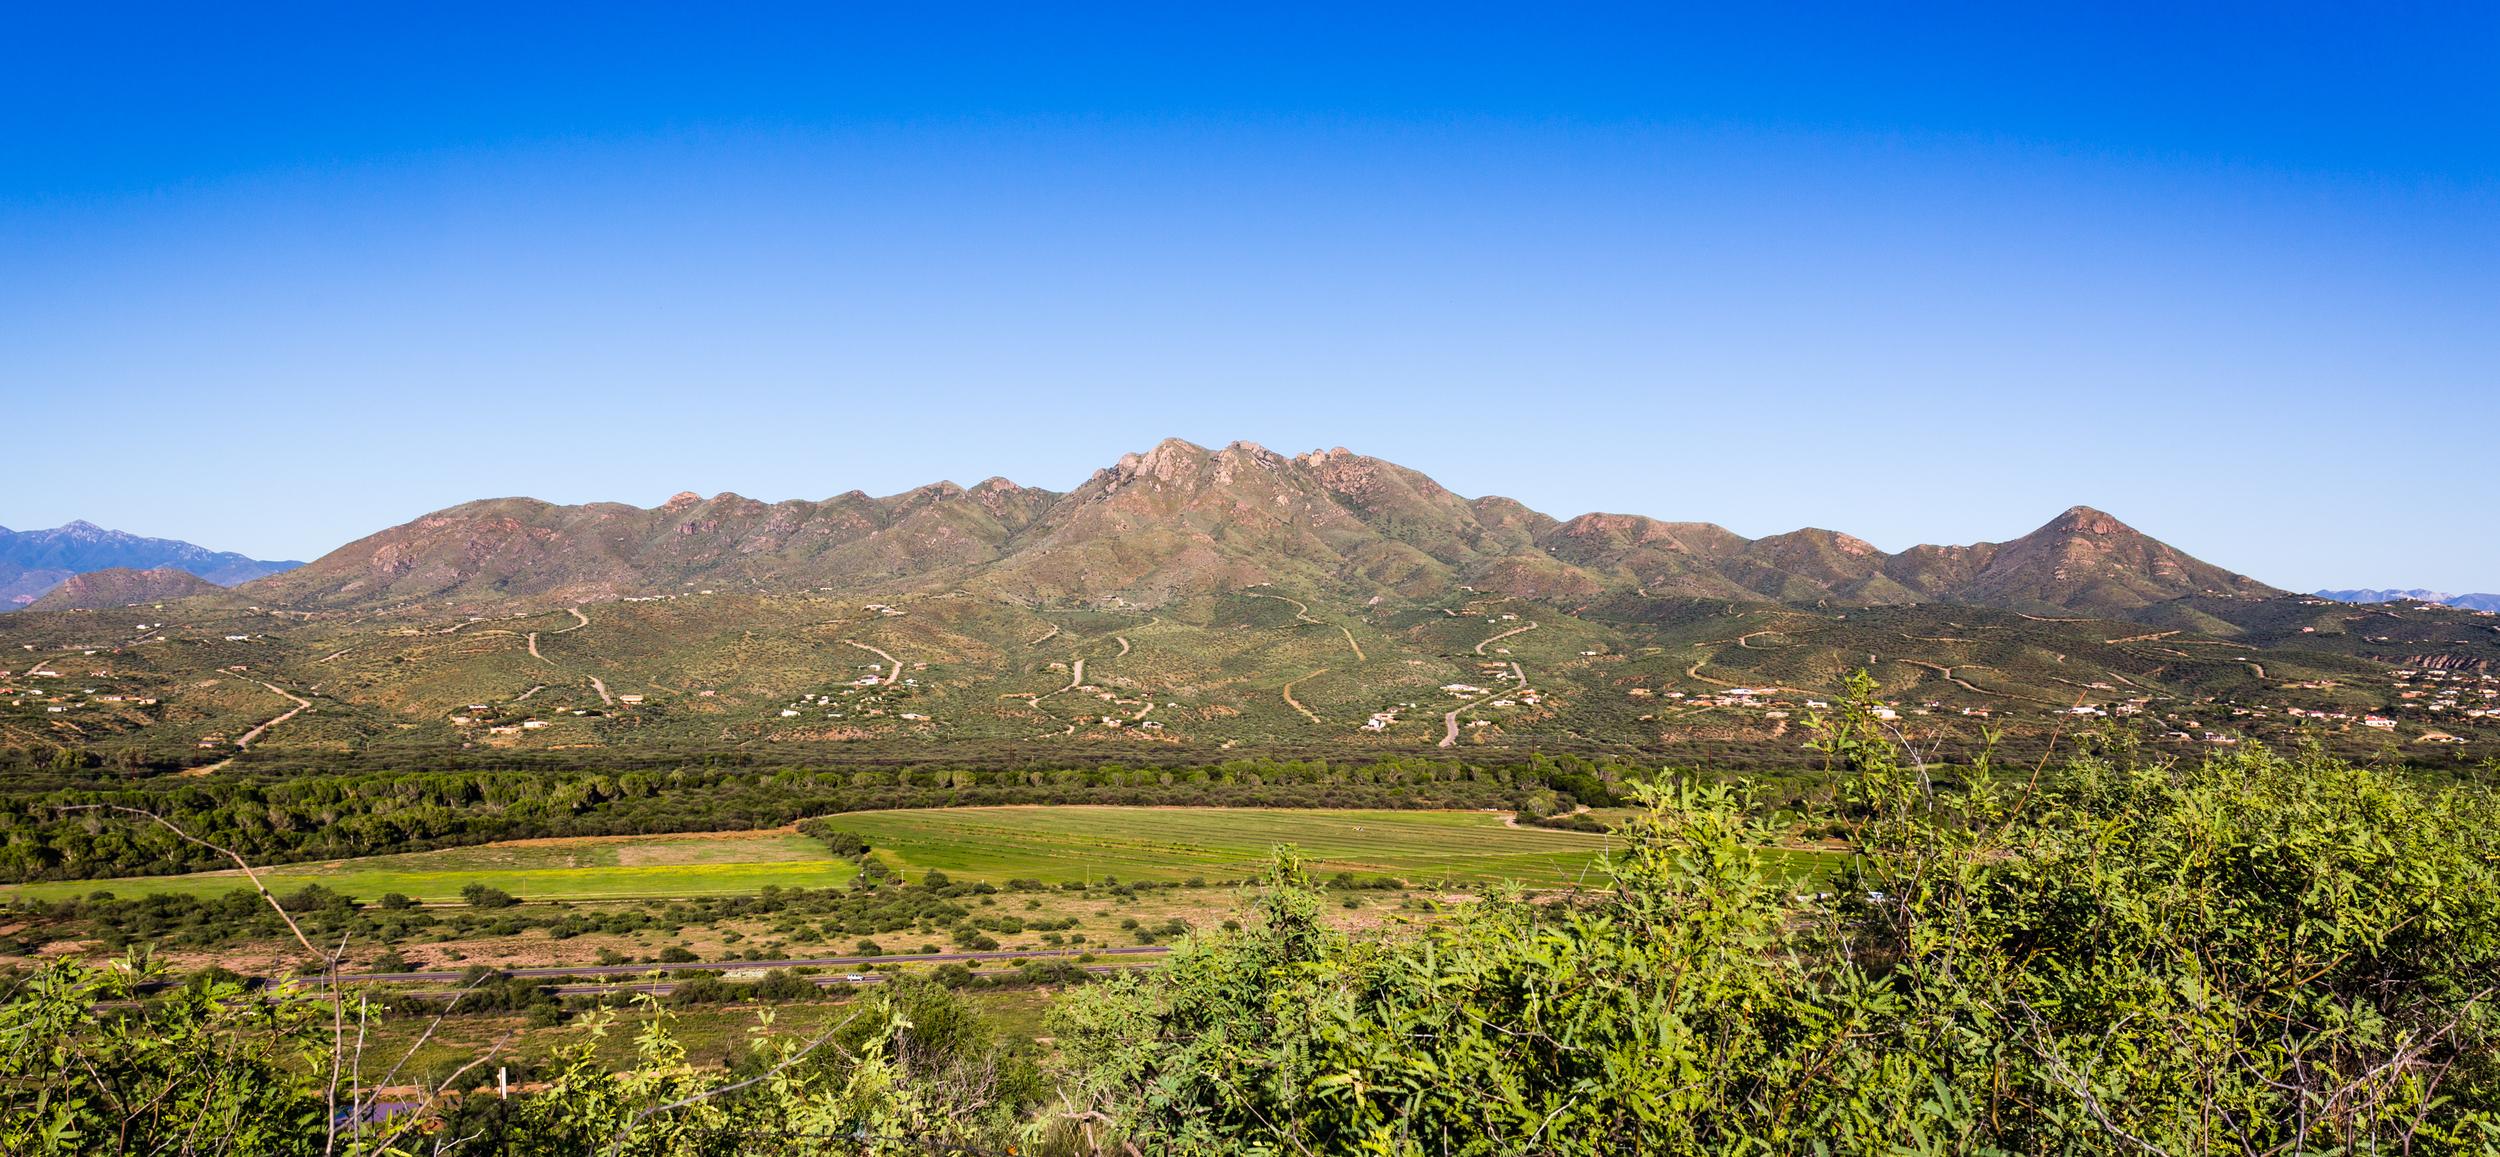 My home: the San Cayetano Mountains over Rio Rico.